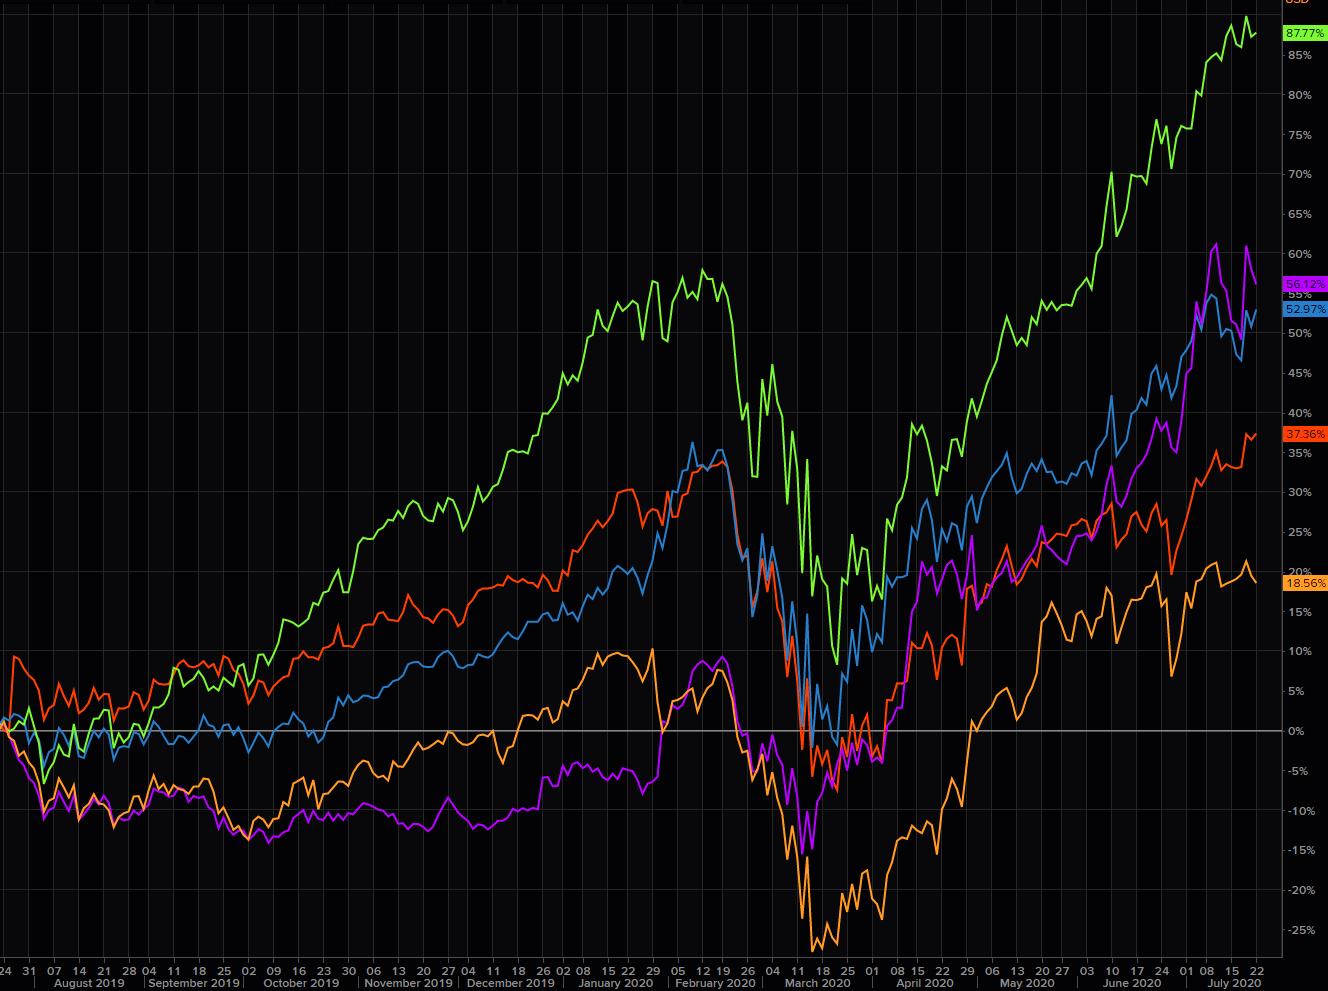 FAAMG股票年初至今涨幅为35%,而其余495只标准普尔500股票则下跌...